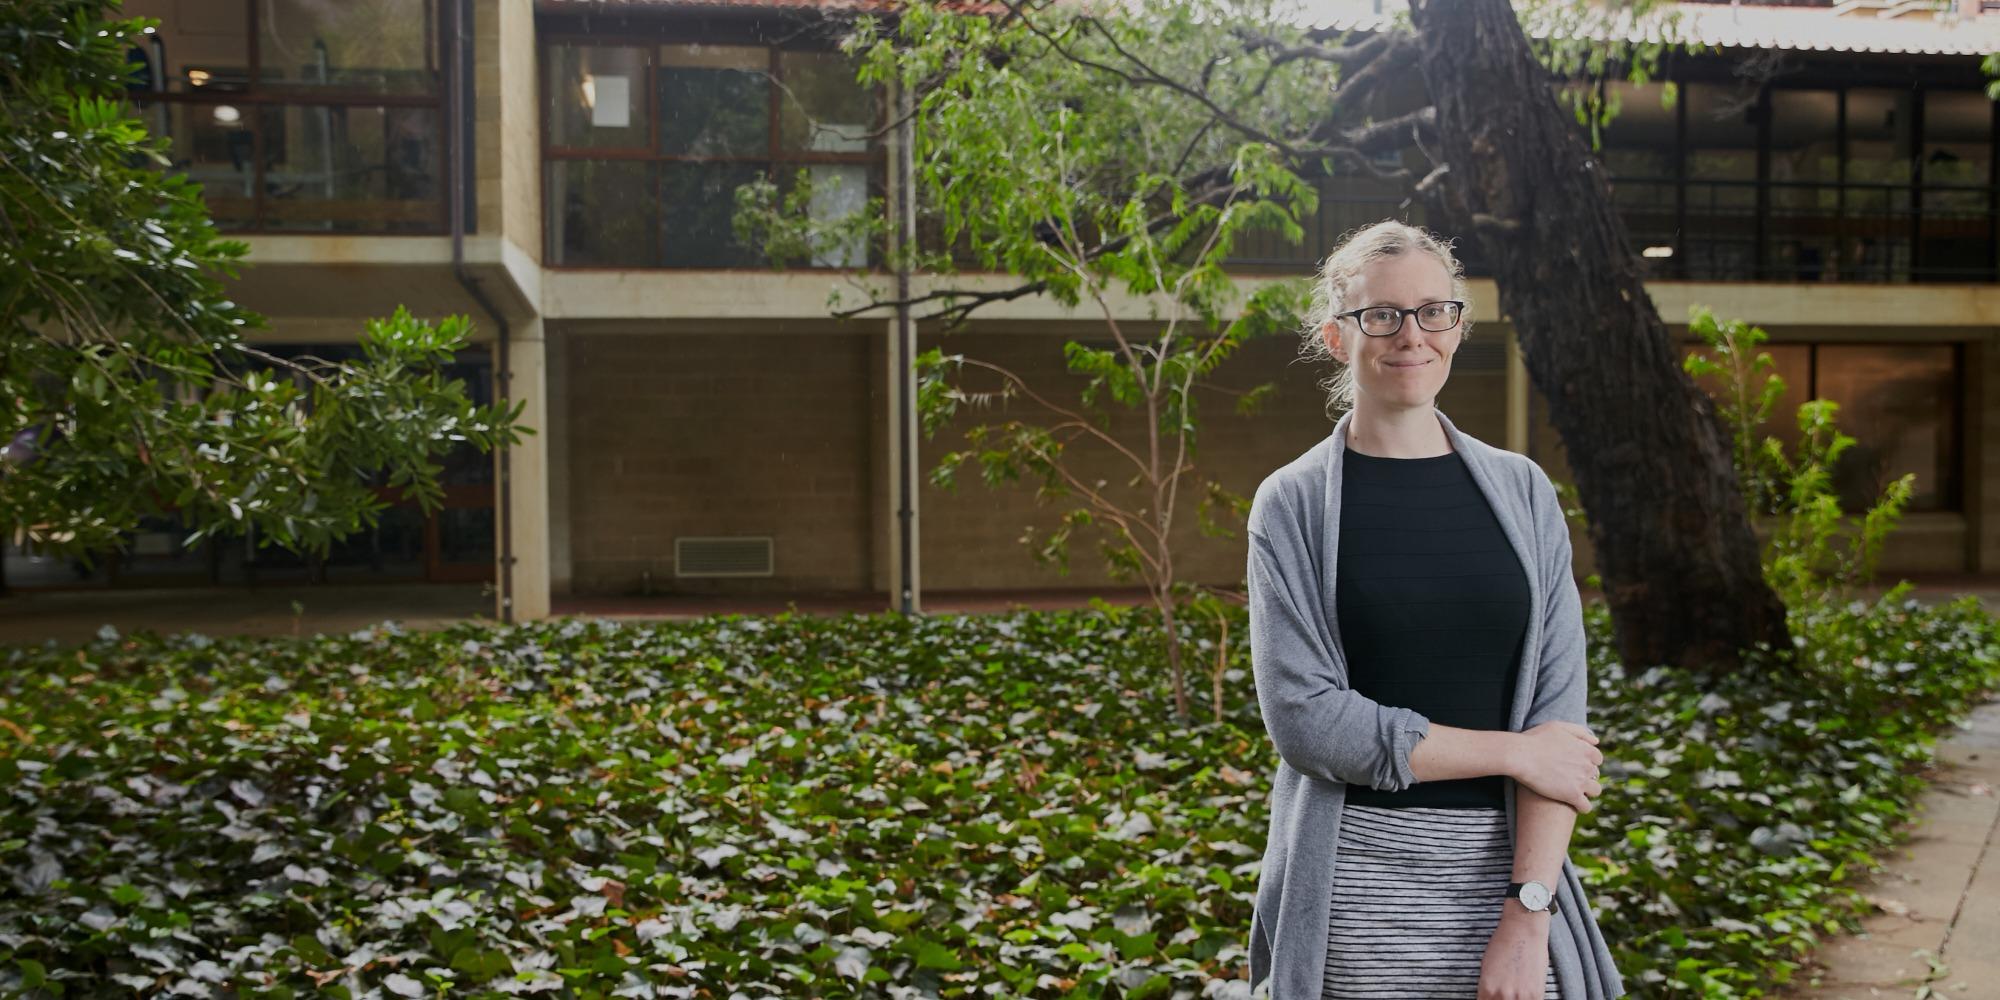 Dr Catherine Noske